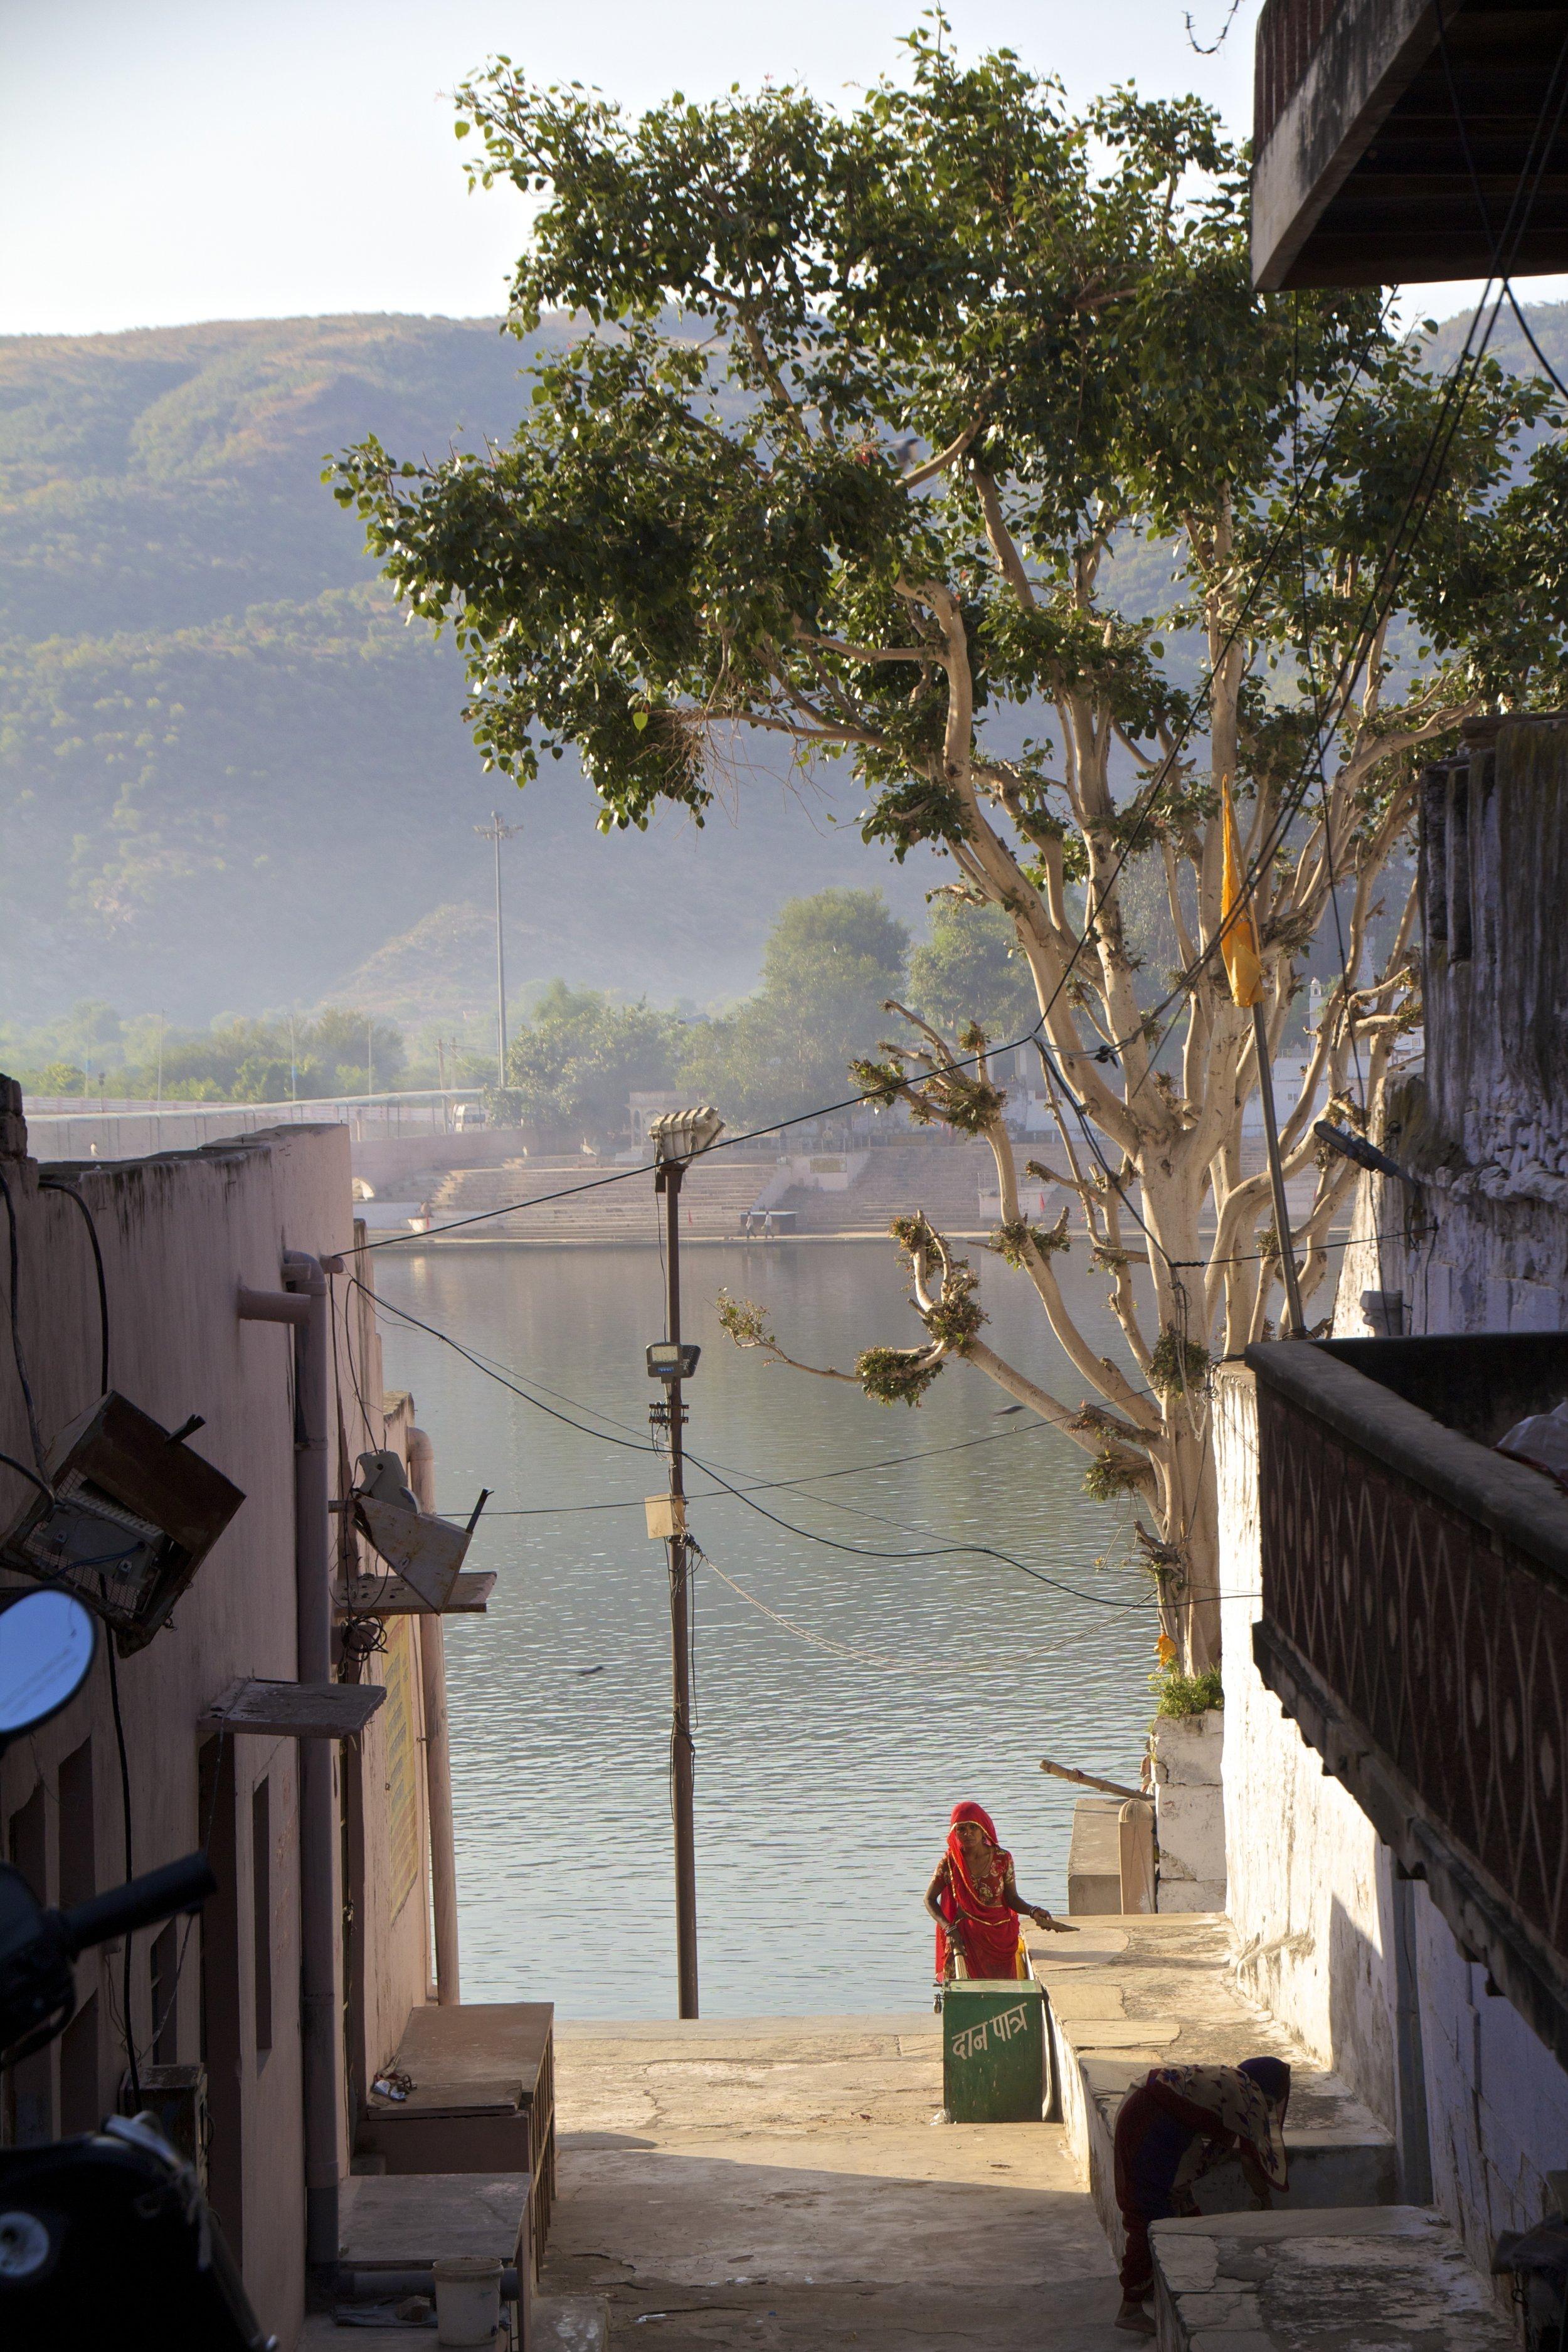 pushkar rajasthan ghats street photography 14.jpg